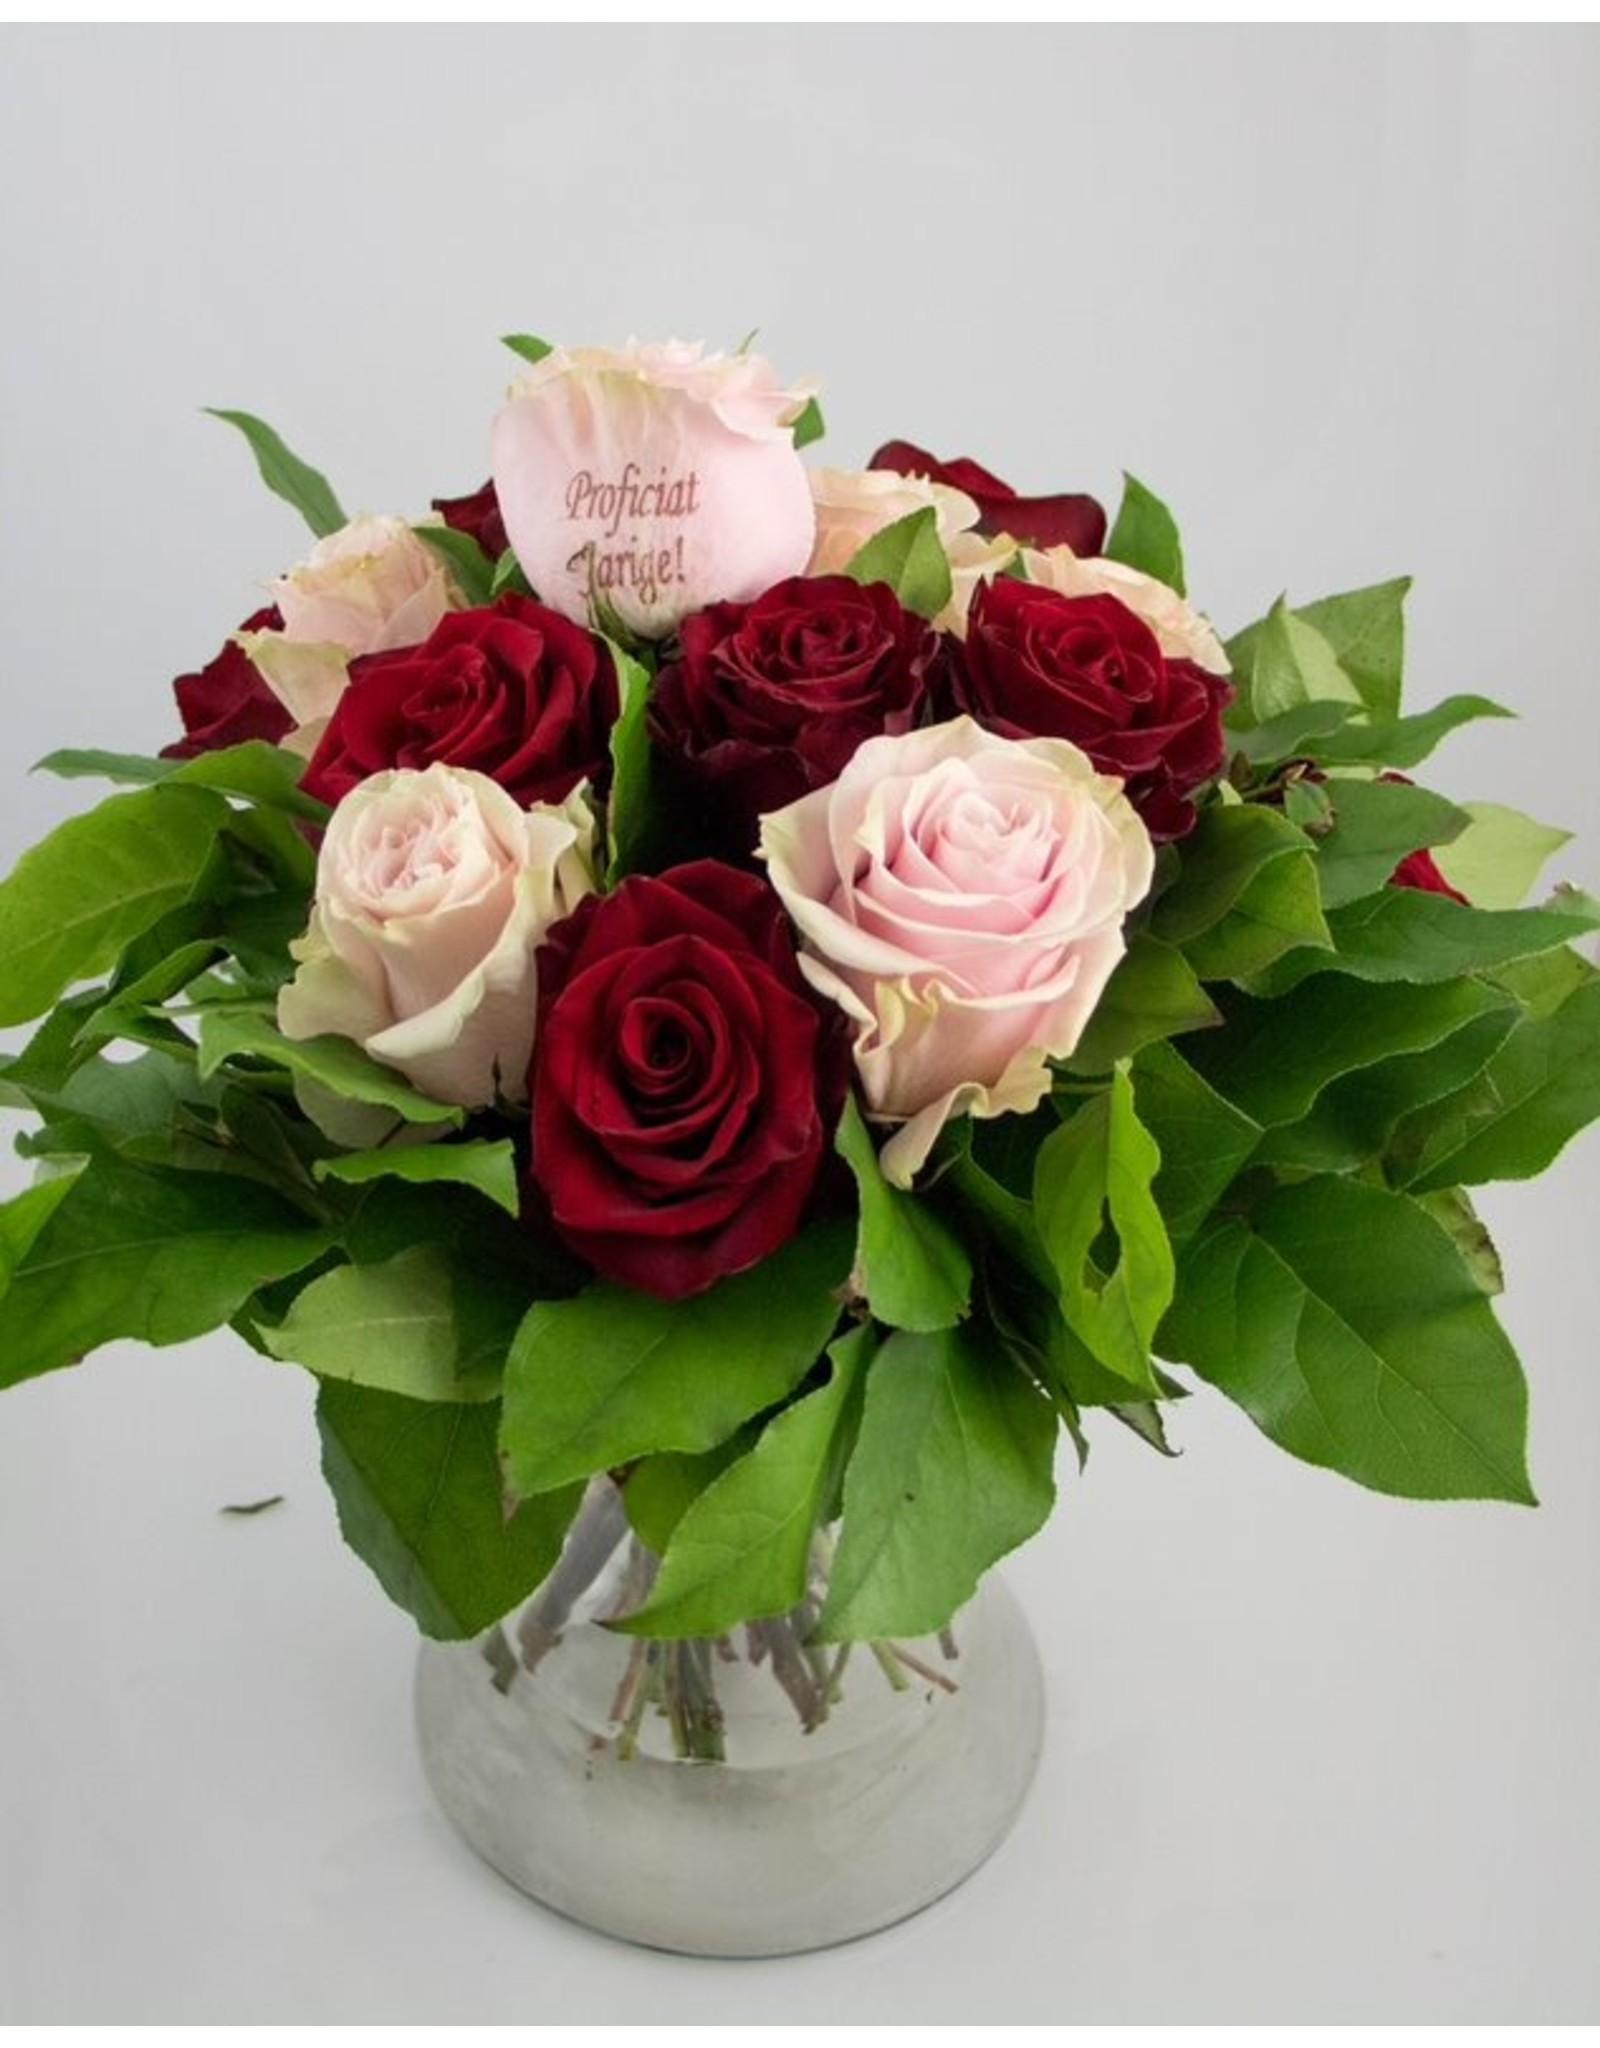 Magic Flowers Boeket 15 rozen - Rood/Roze - Proficiat Jarige